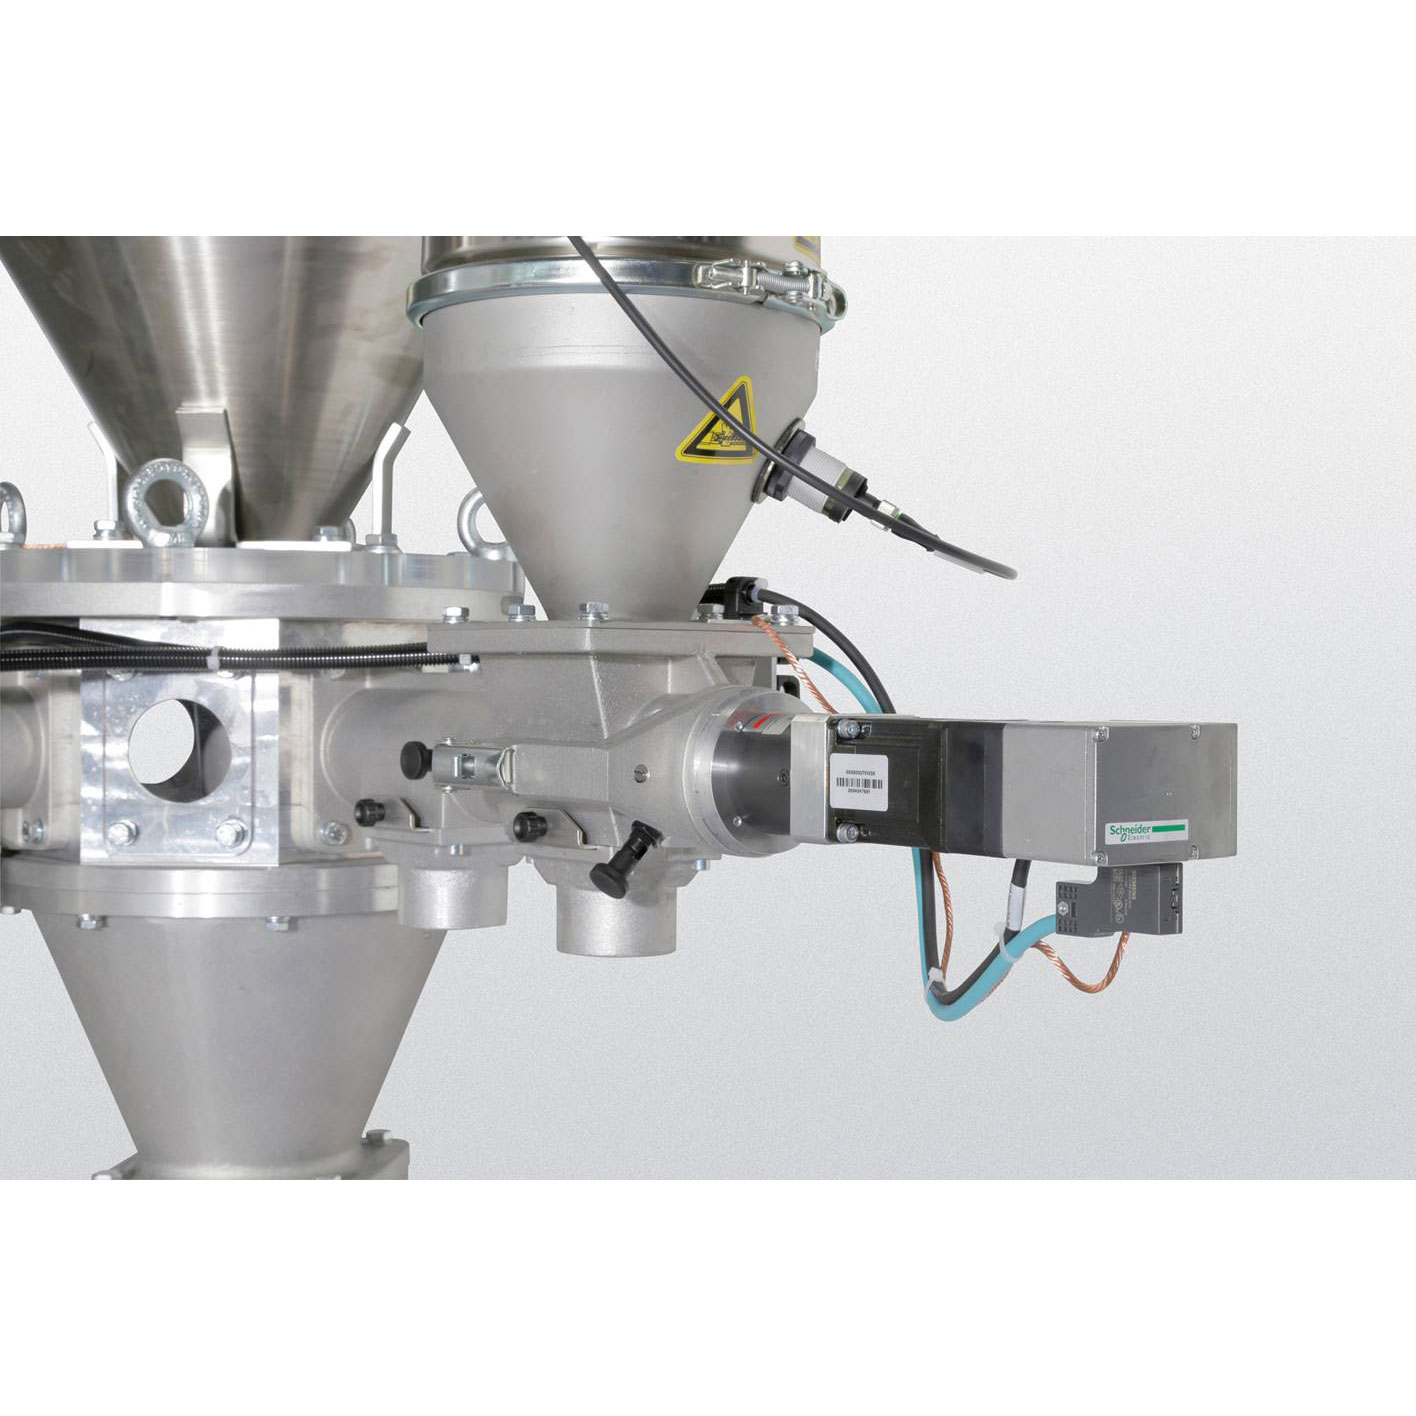 Volmix-Motor-schräg1416x1416